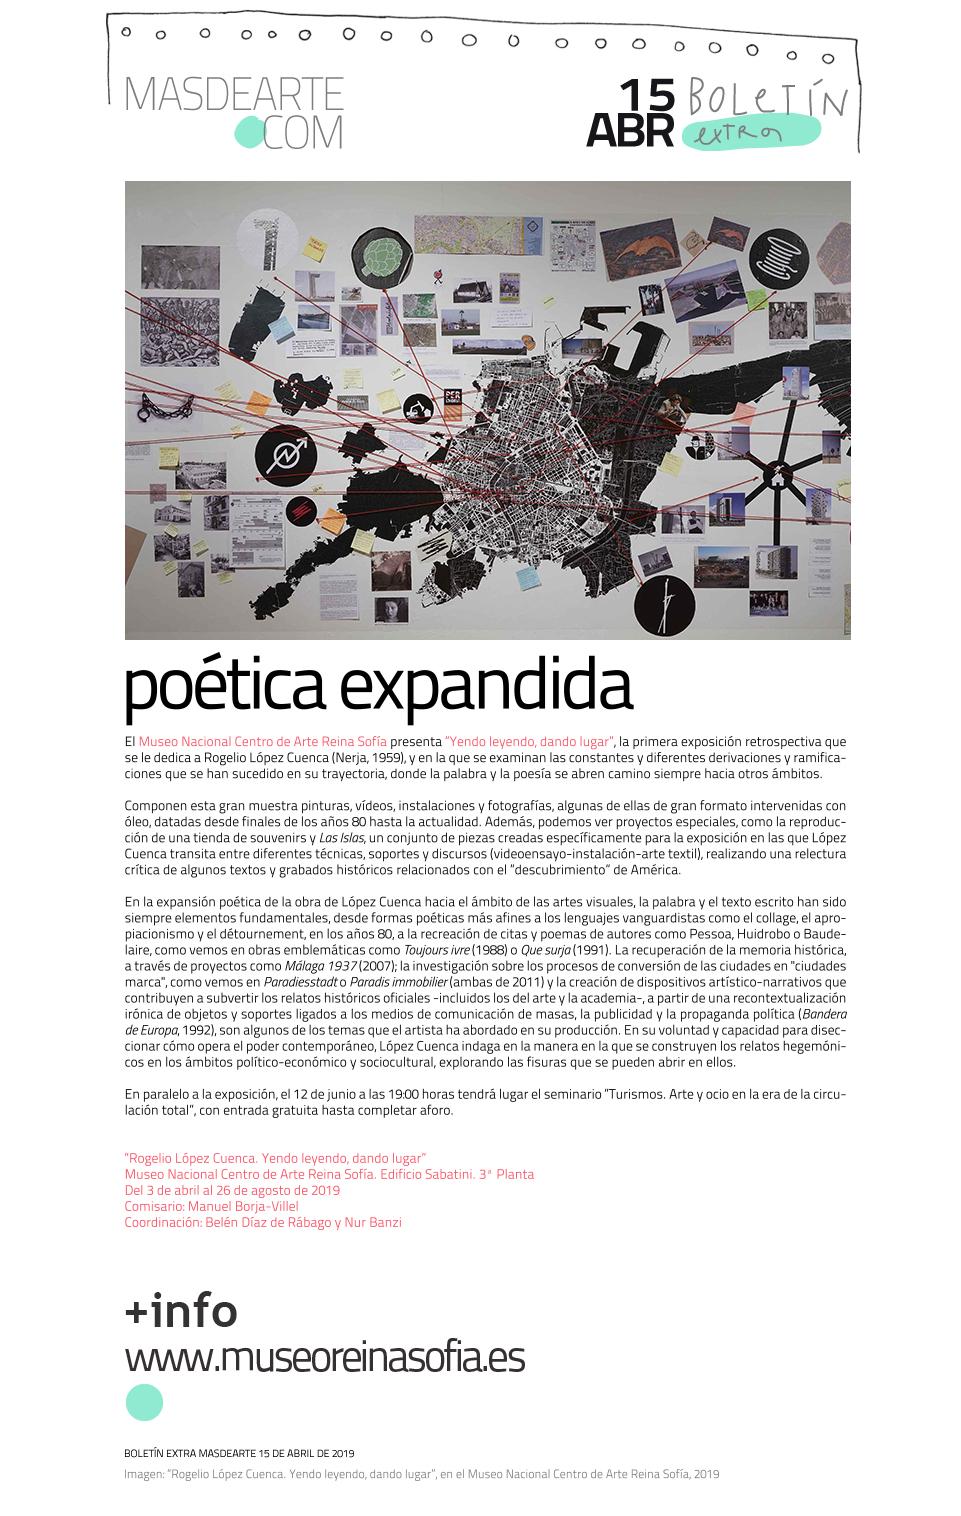 Rogelio López Cuenca. Yendo leyendo, dando lugar, hasta el 26 de  agosto de 2019, en el Museo Nacional Centro de Arte Reina Sofía / Edificio Sabatini, Planta 3